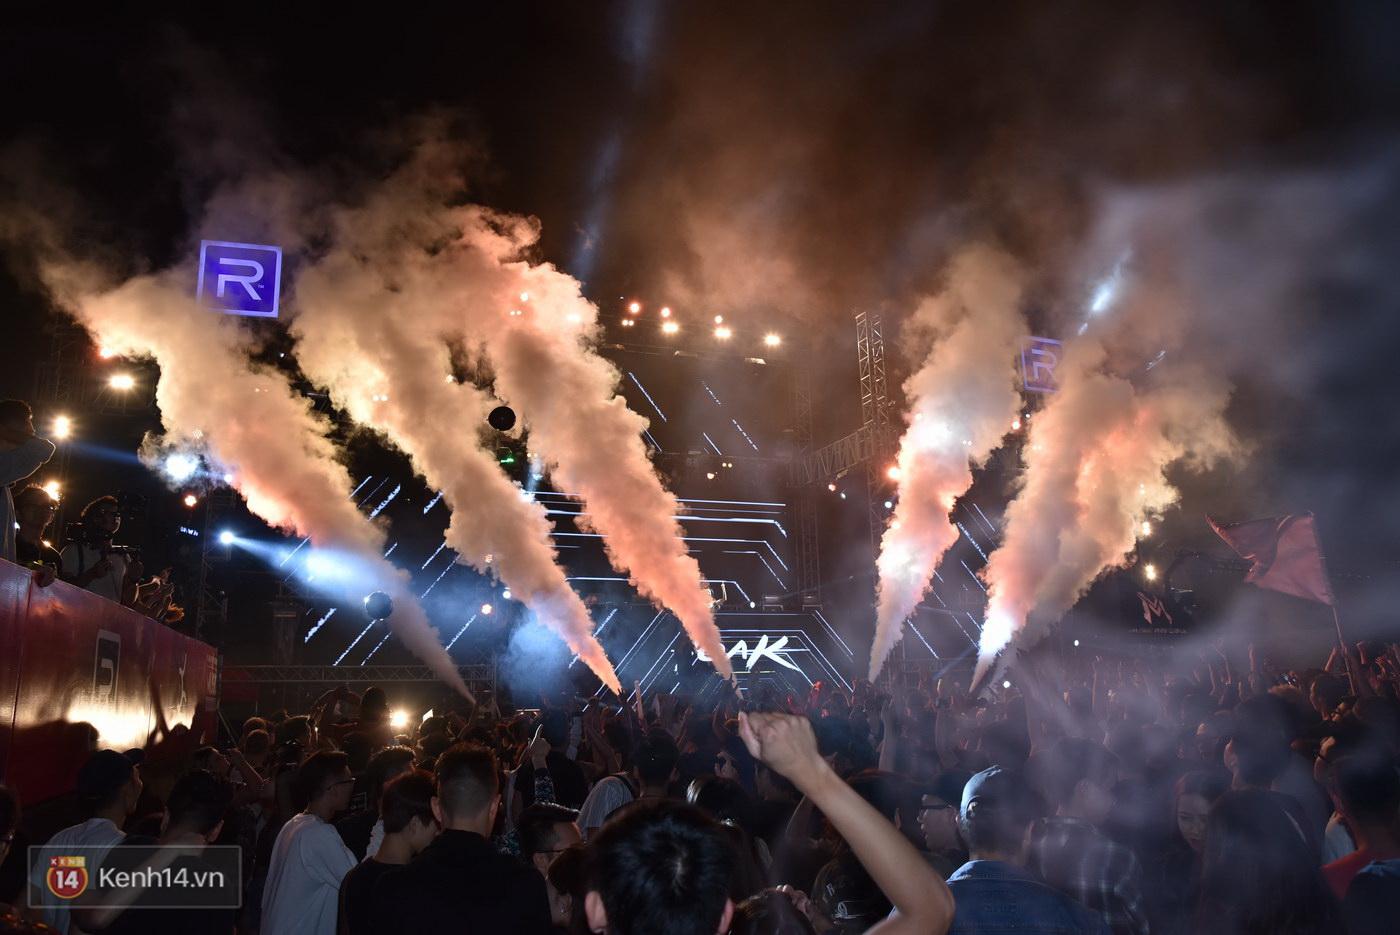 Khán giả Hà Nội vỡ oà trong bữa tiệc Future House cùng DJ Top 15 thế giới Don Diablo - Ảnh 3.